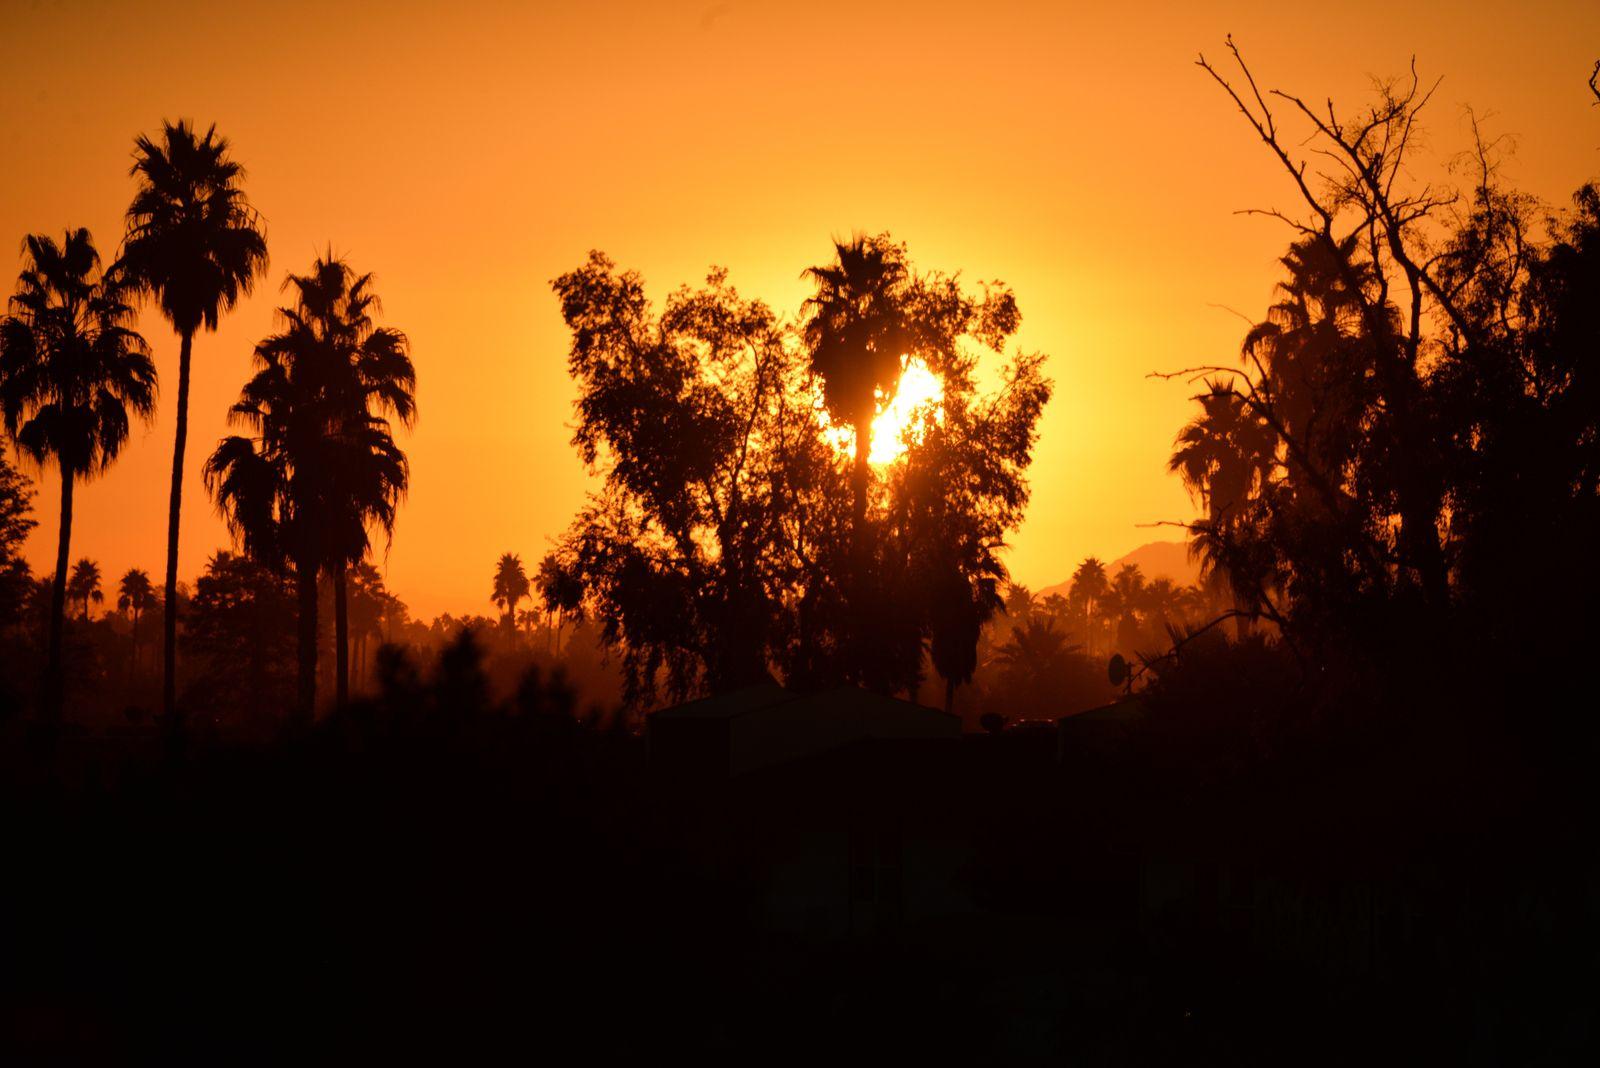 Californie / 5 / Il est 08h12, nous sommes le 27 Novembre 2020